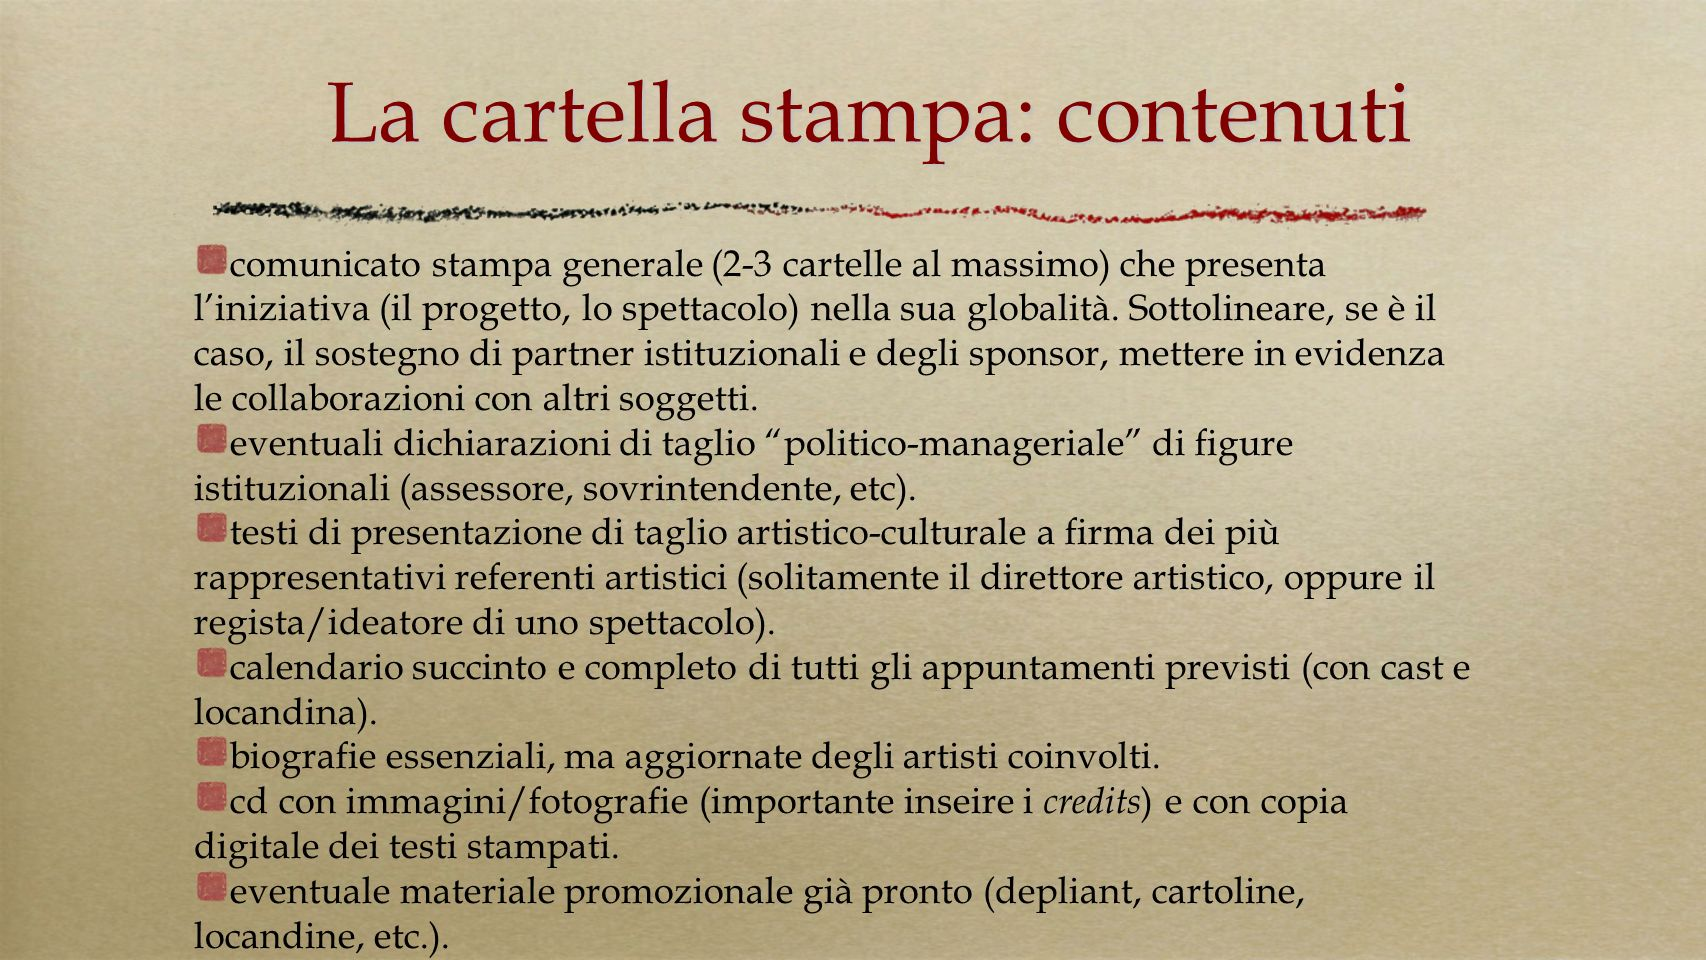 La cartella stampa: contenuti